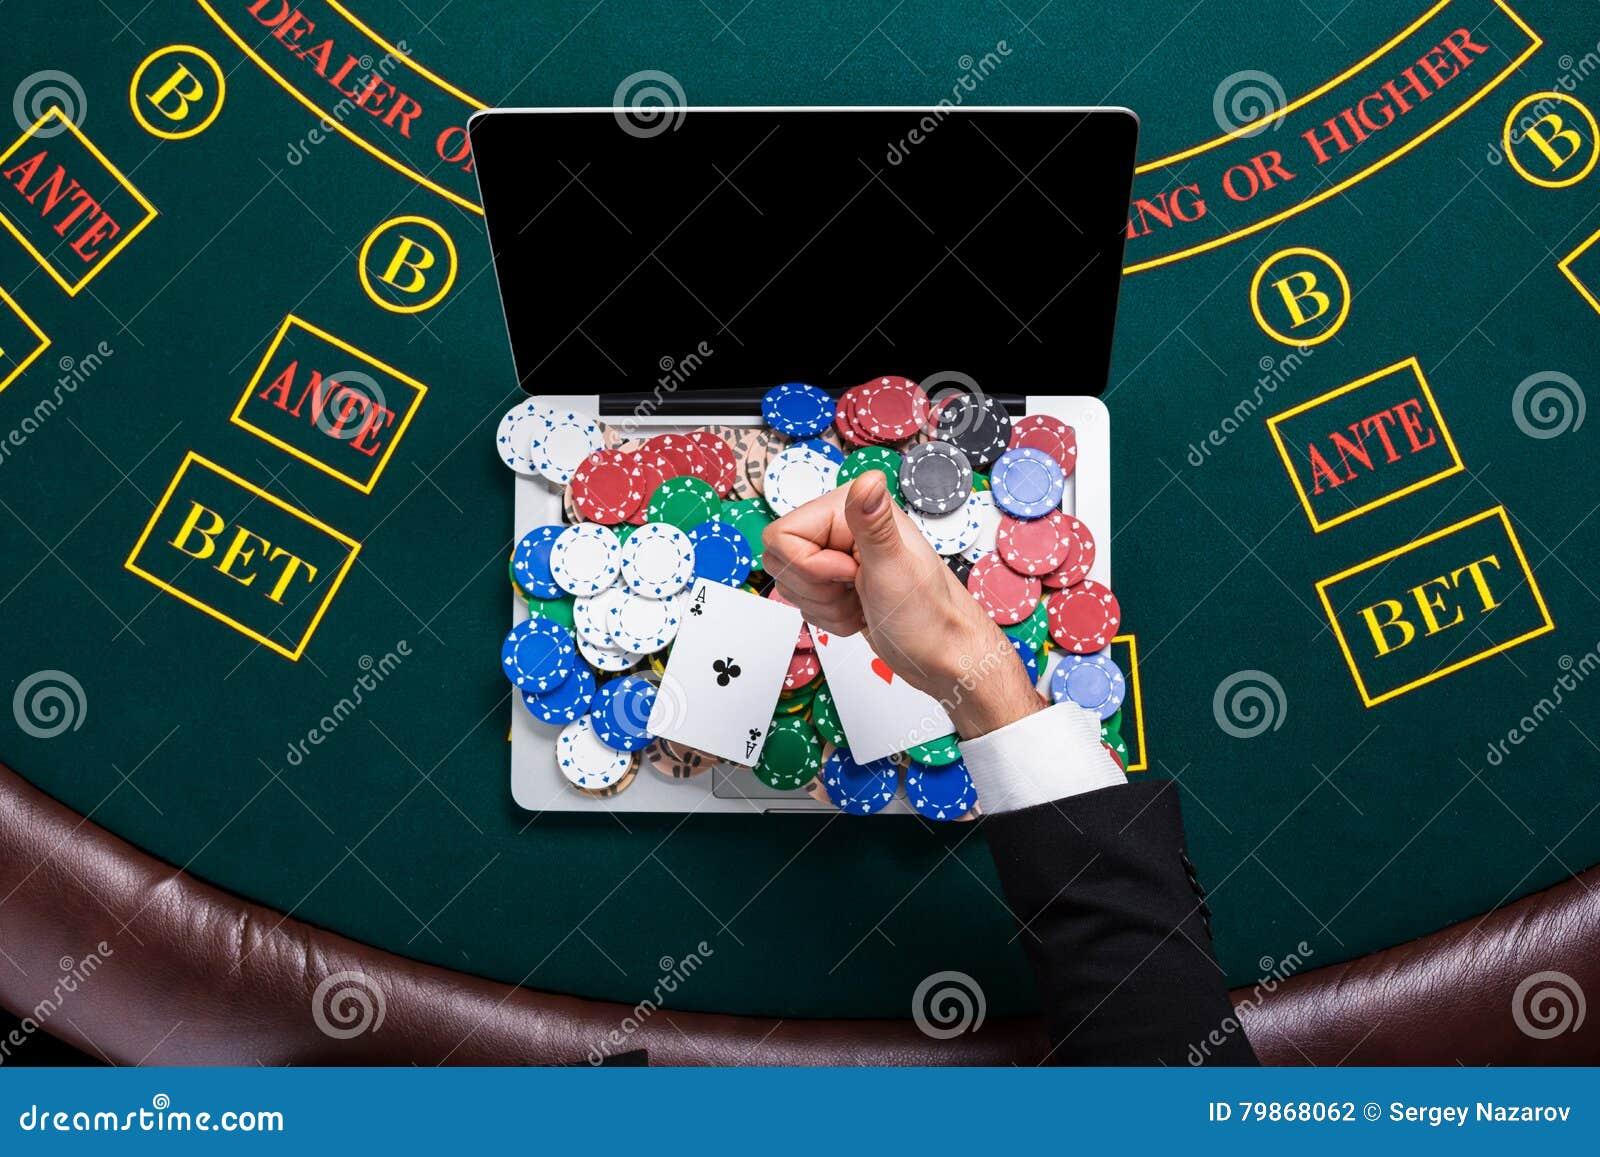 Скачать казино азартные игры 4.4 2 игровые автоматы иркутск 10.12.2008